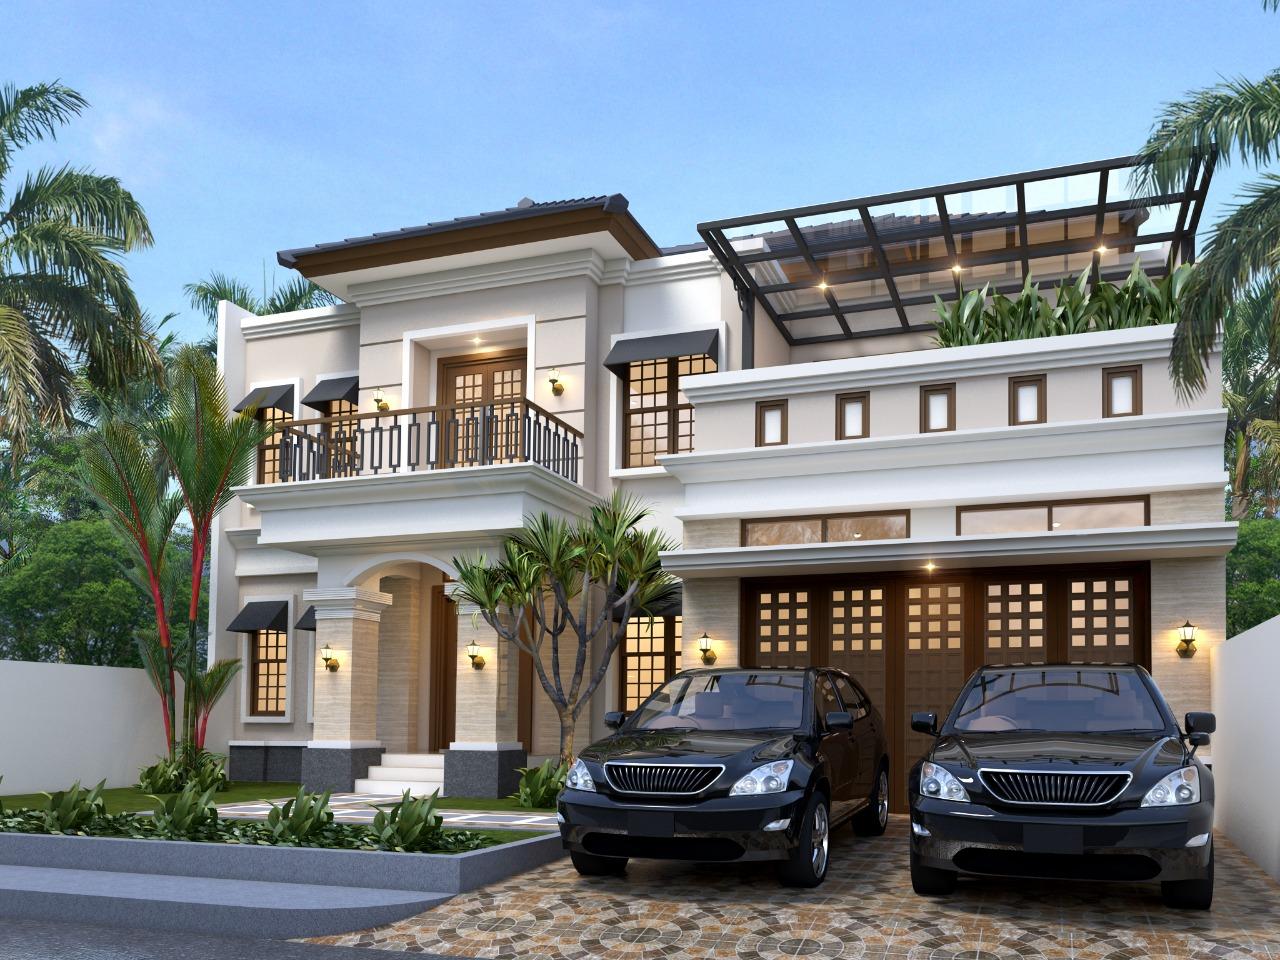 3 Cara Membuat Rumah Agar Tampak Lebih Mewah